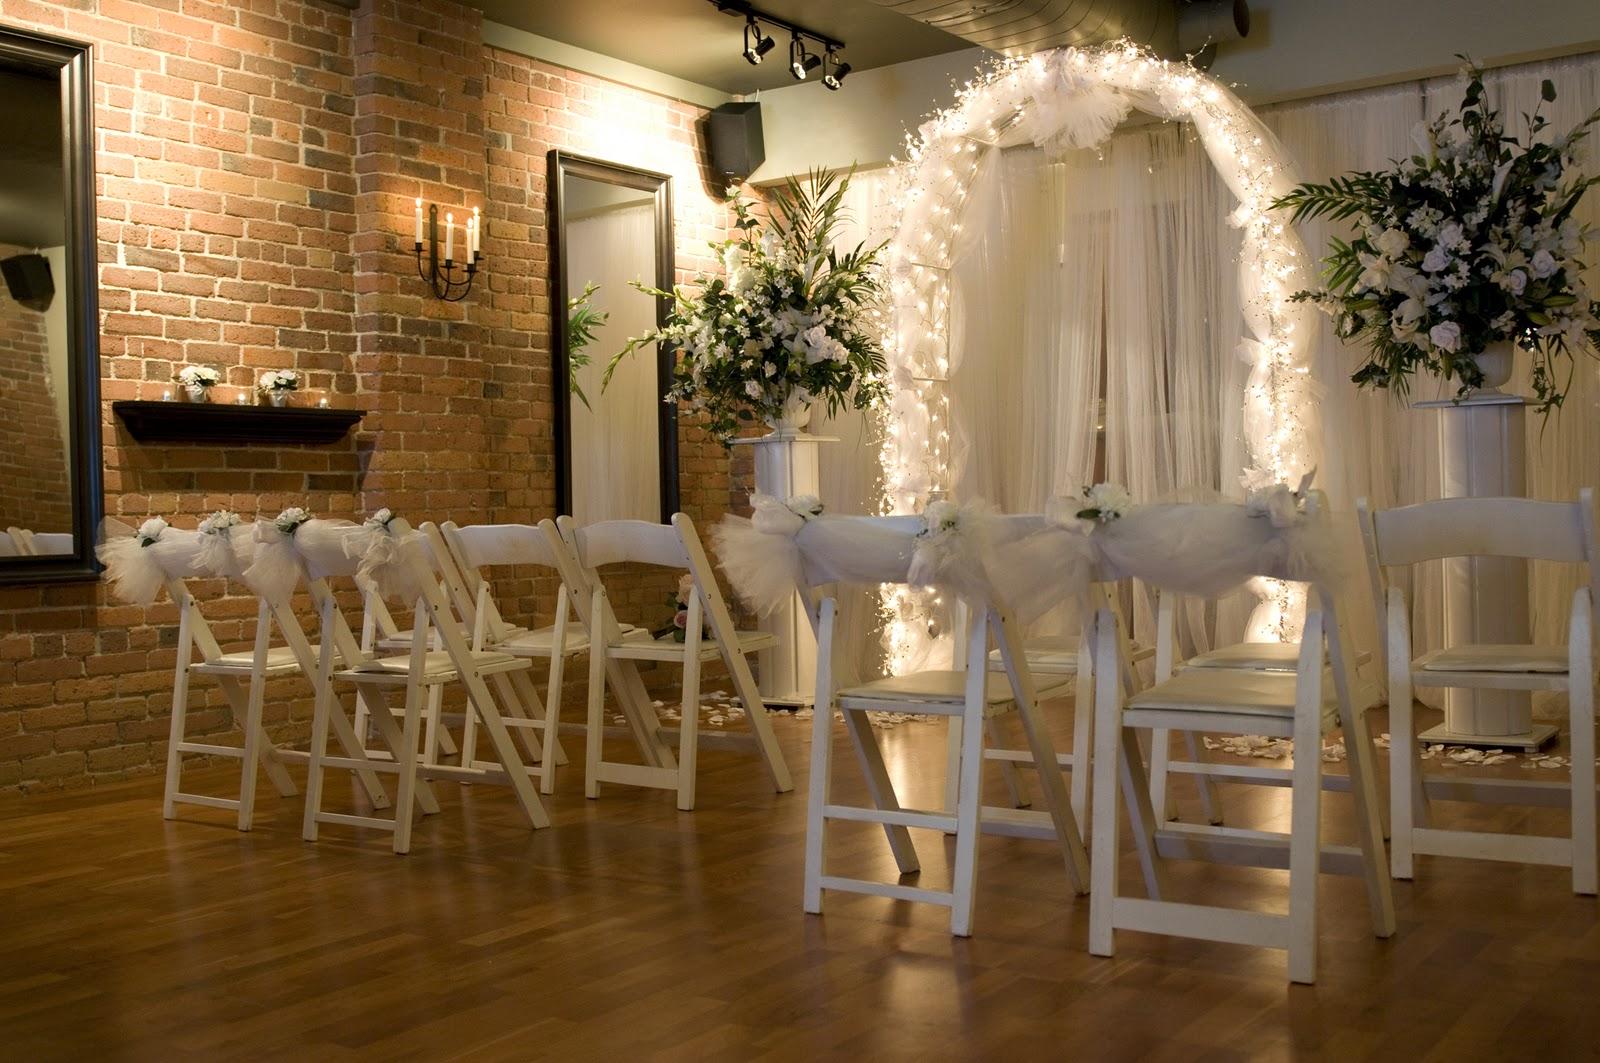 Weddings InStyle Ottawa Wedding Chapel In The Capital